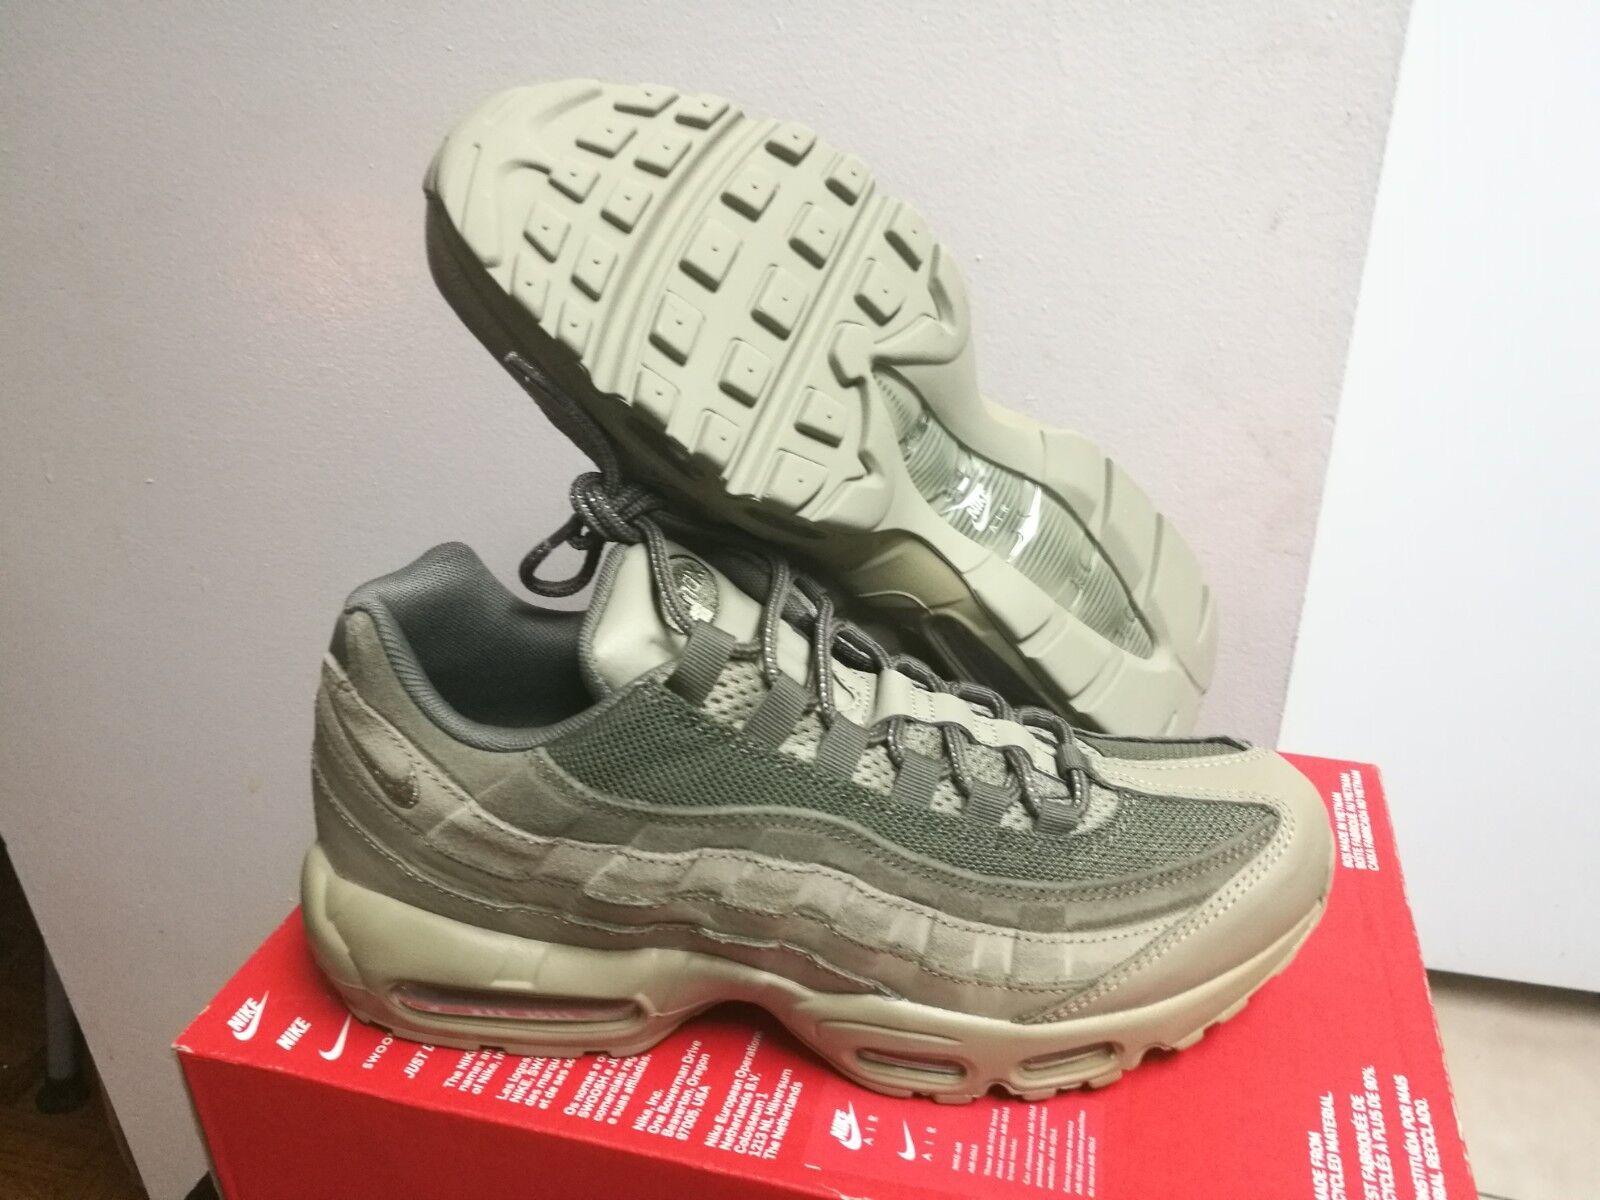 Nike Air Max 95 Premium PRM Neutral Olive Green Sz 11 538416 201